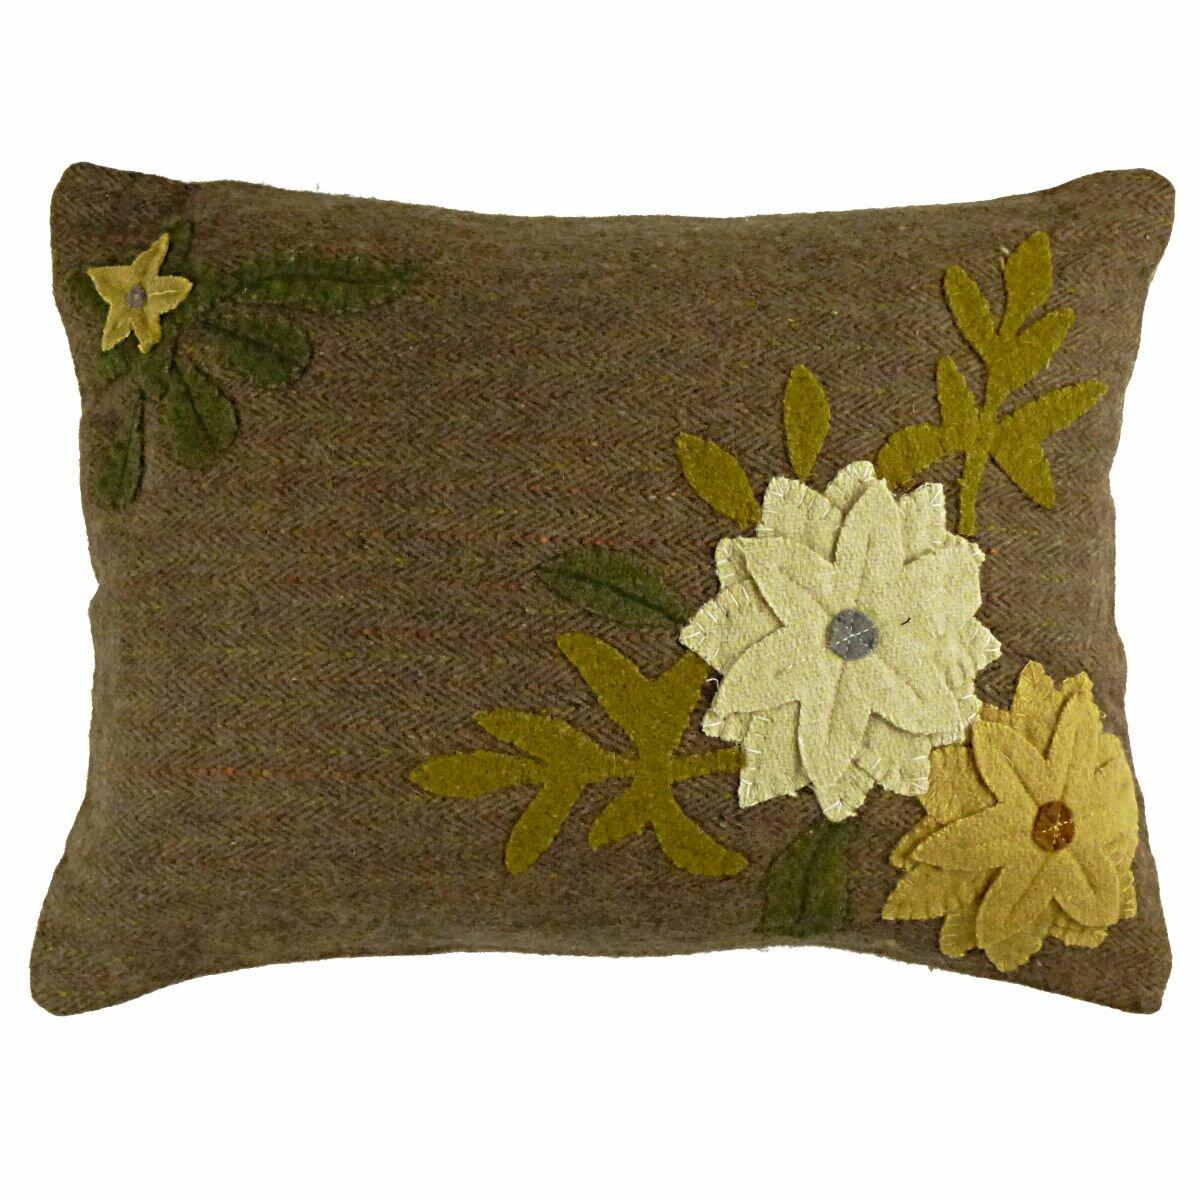 Decorative Primitive Pillows : Homespice Decor Primitive Daffodil Lumbar Pillow Wayfair